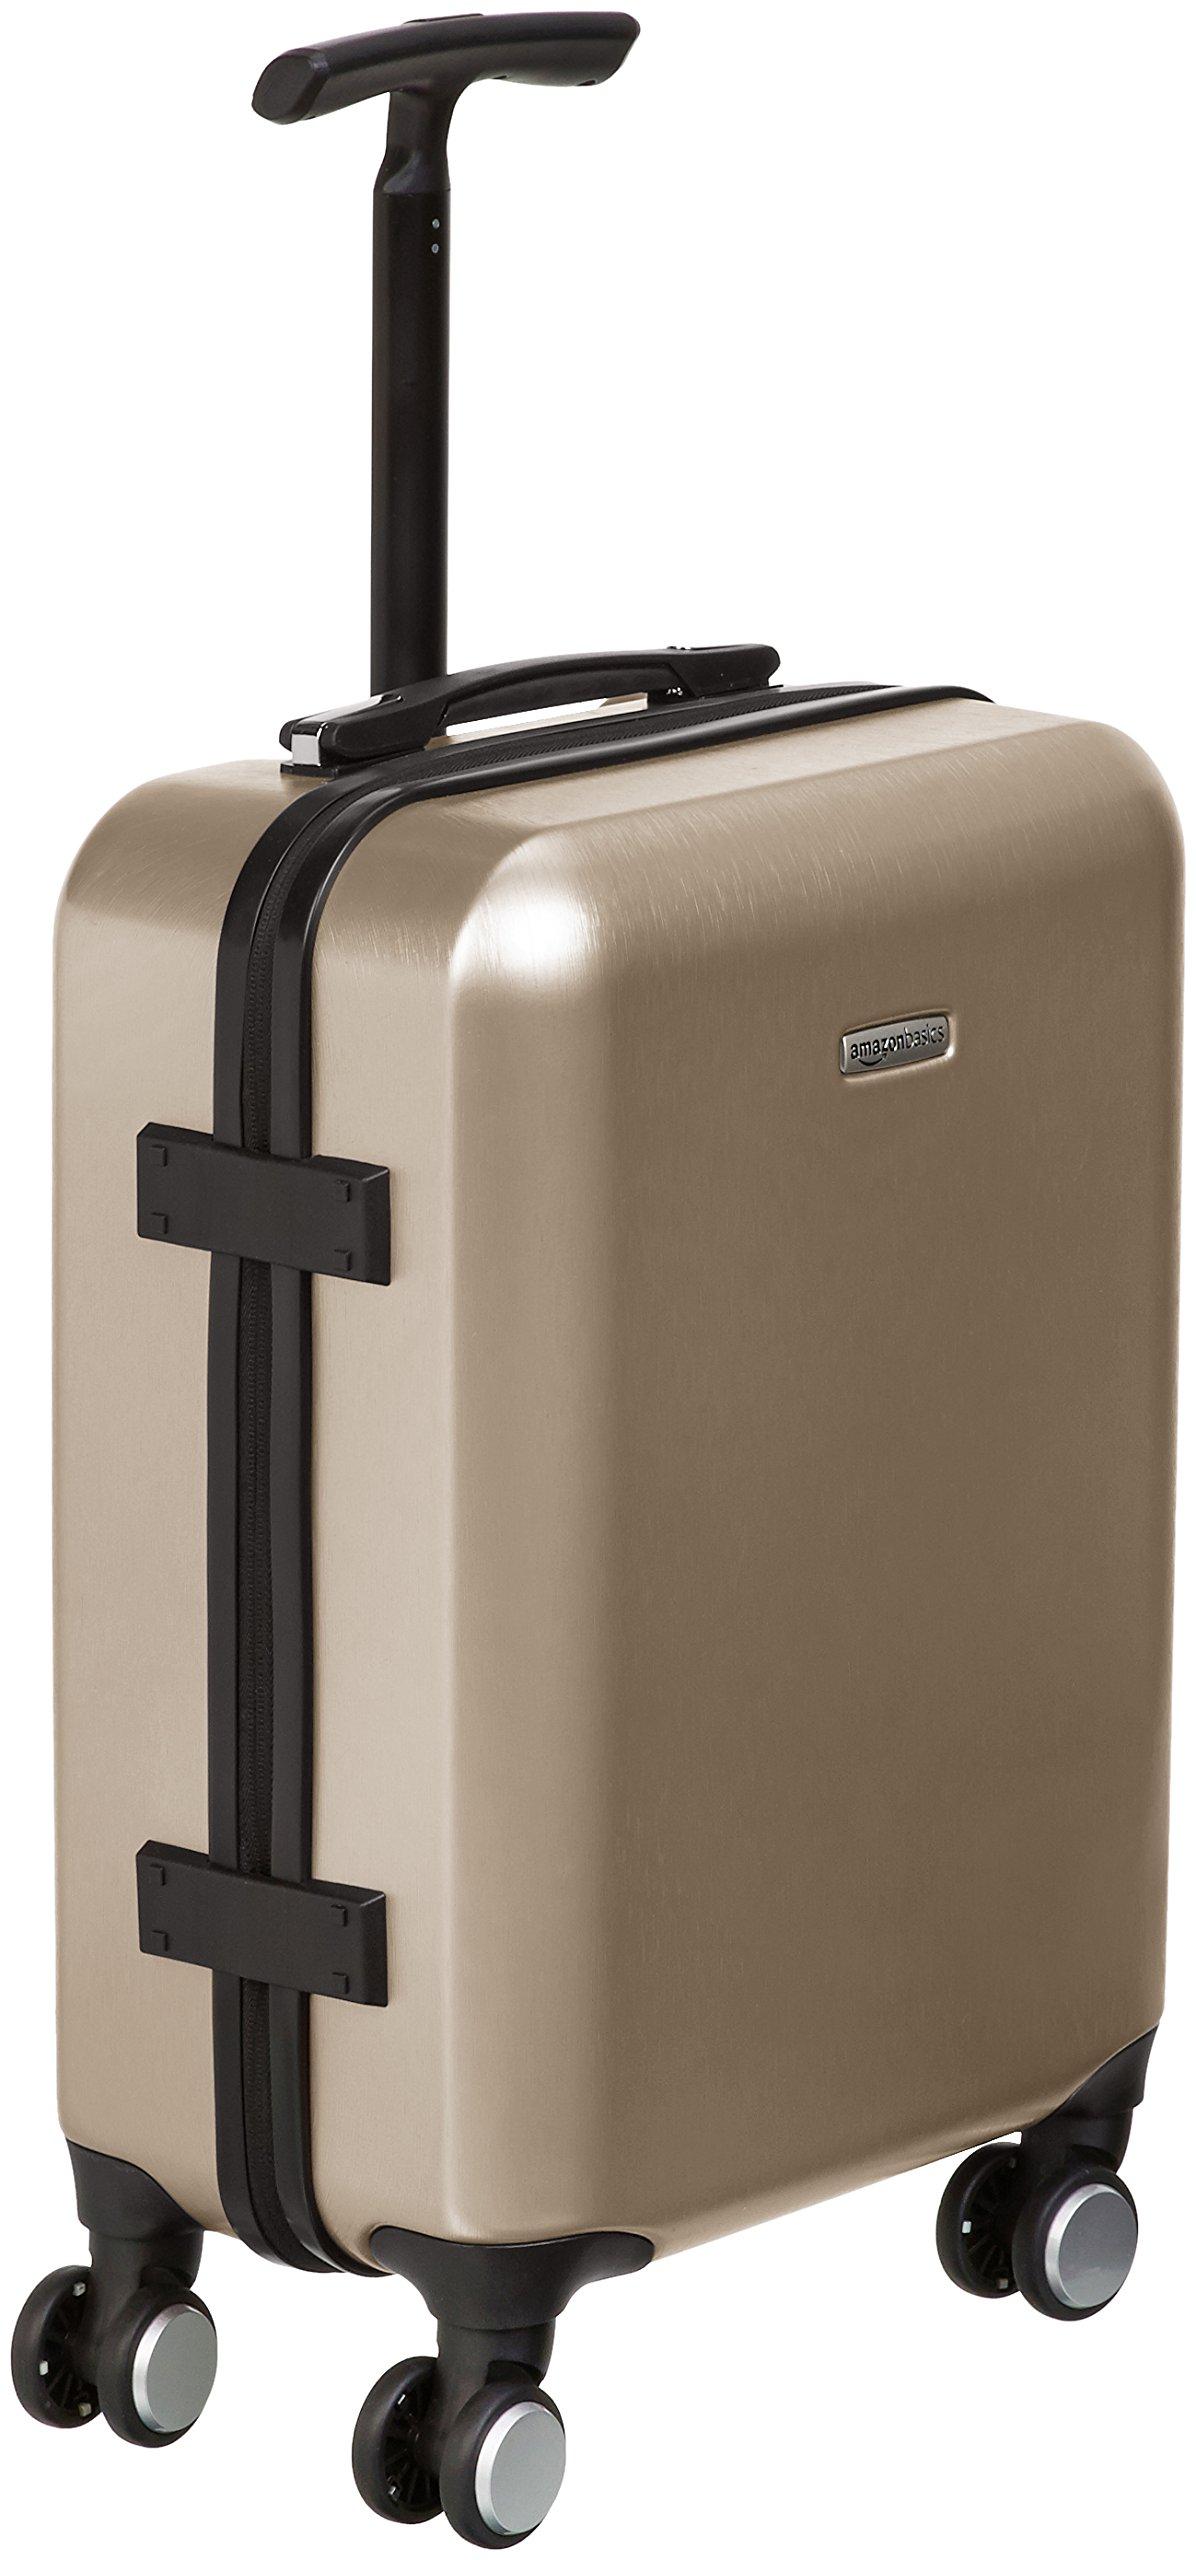 AmazonBasics Metallic Hardshell Carry-On Spinner Luggage Suitcase with TSA Lock - 20 Inch, Gold